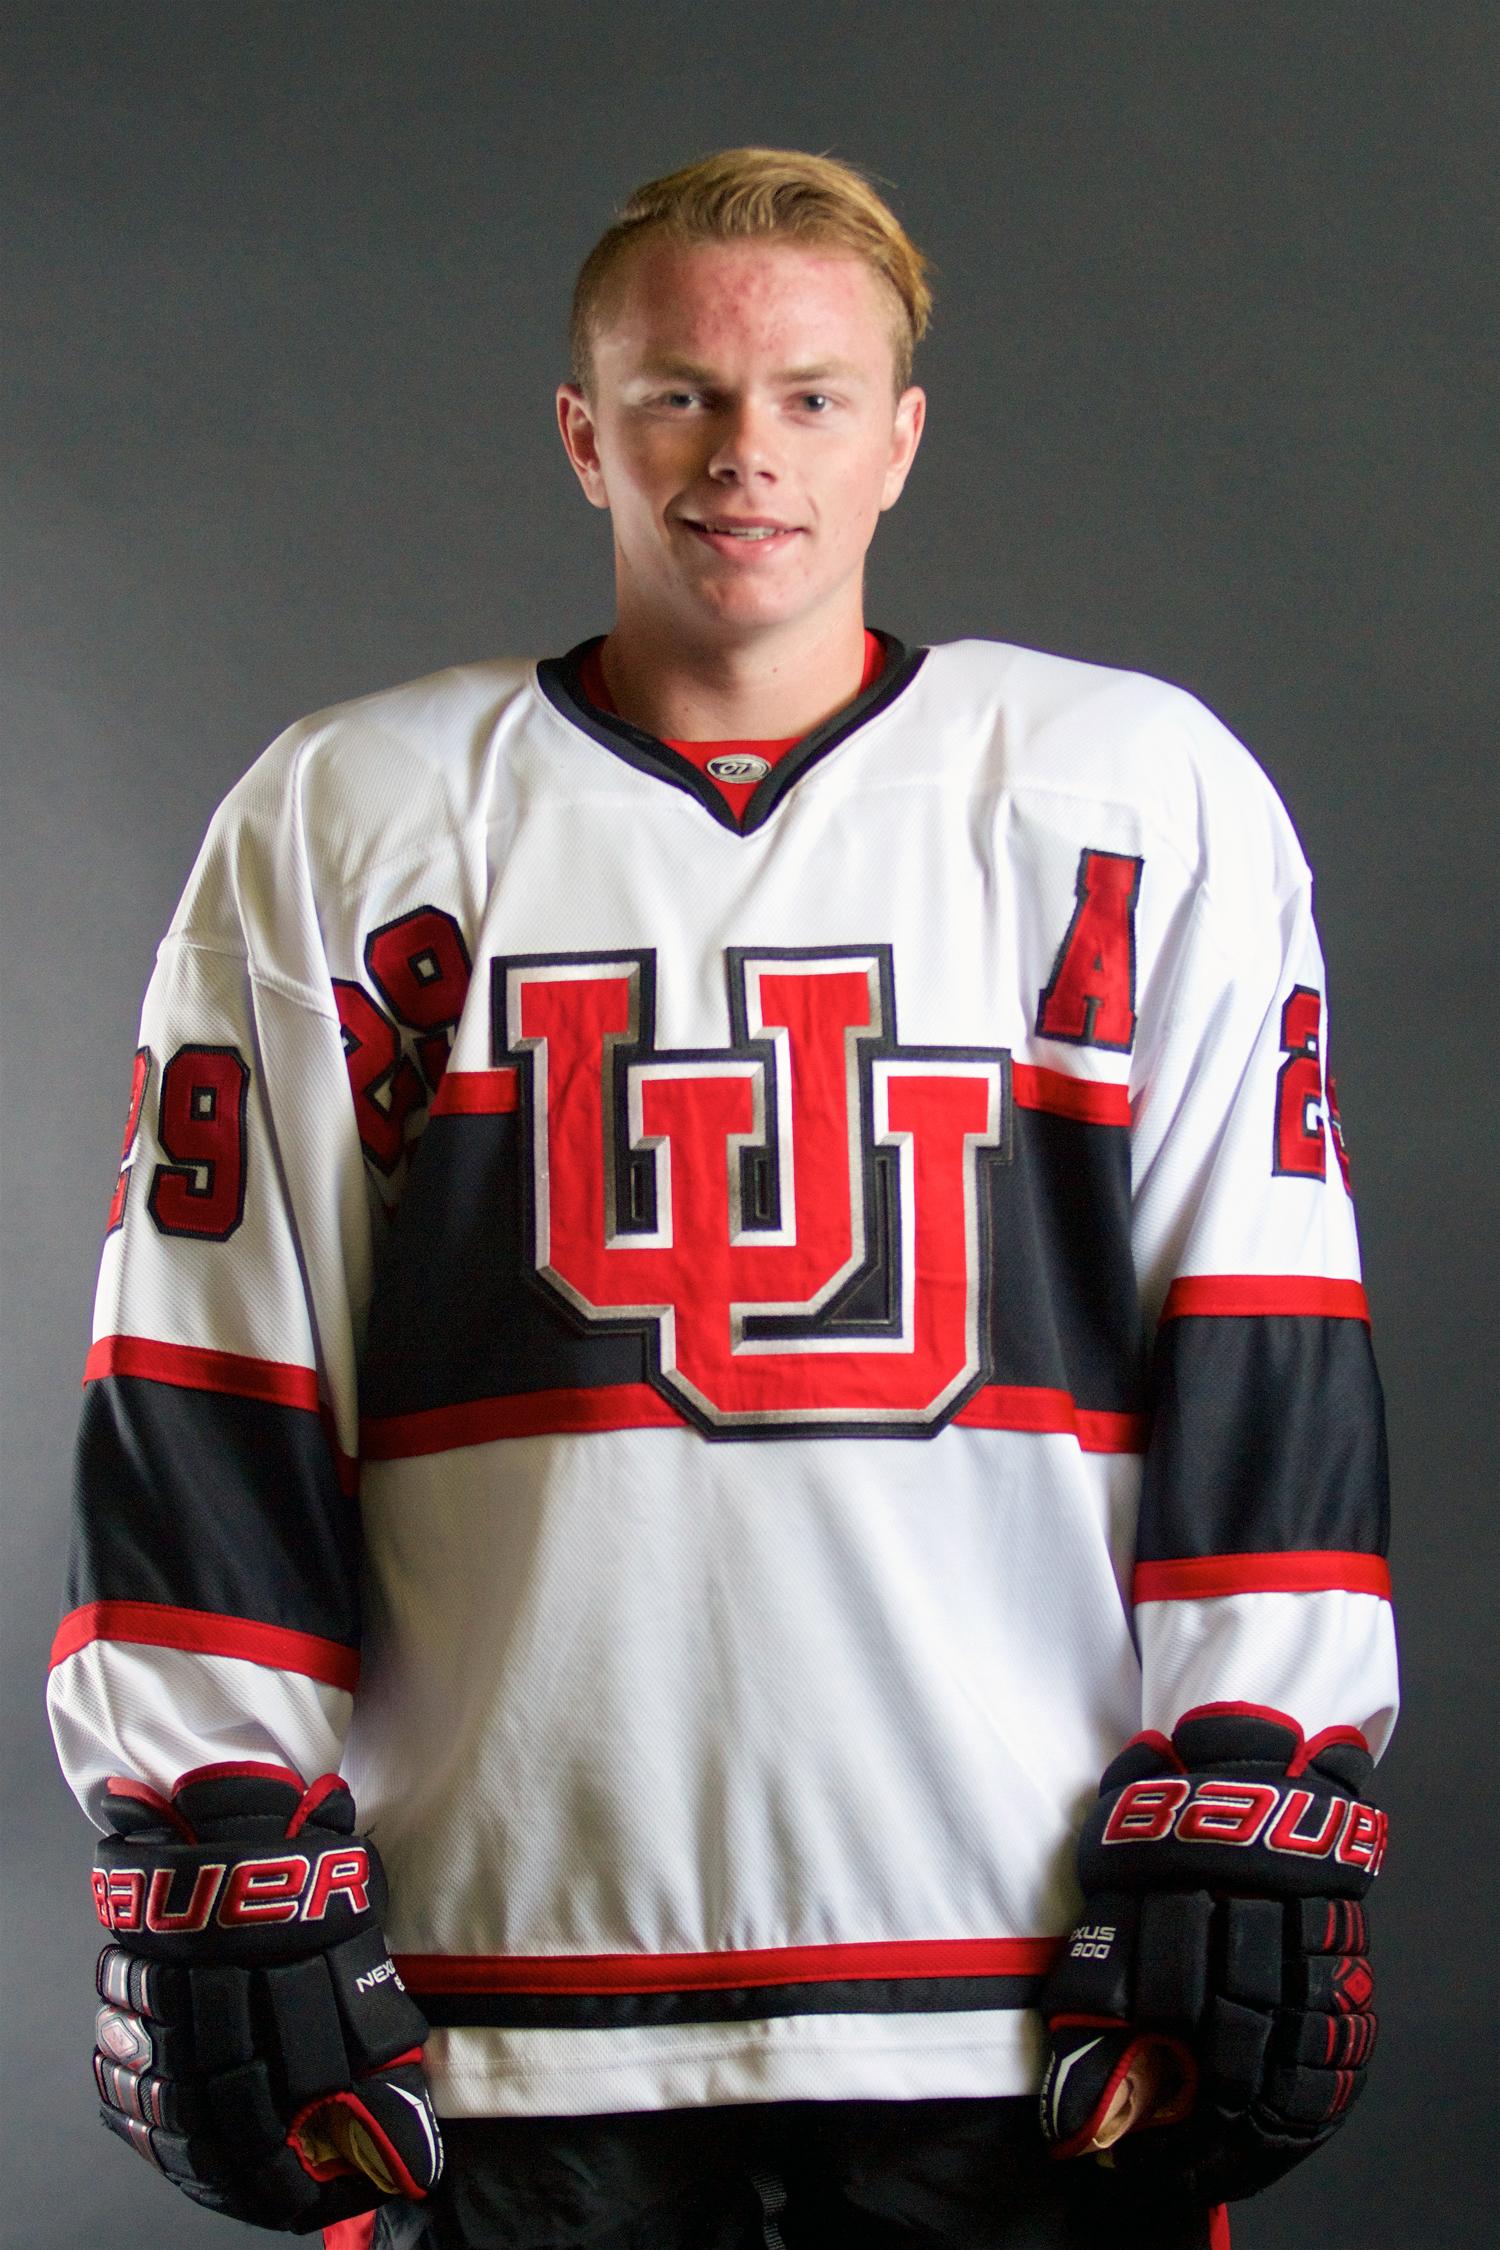 #29 Brett Myer